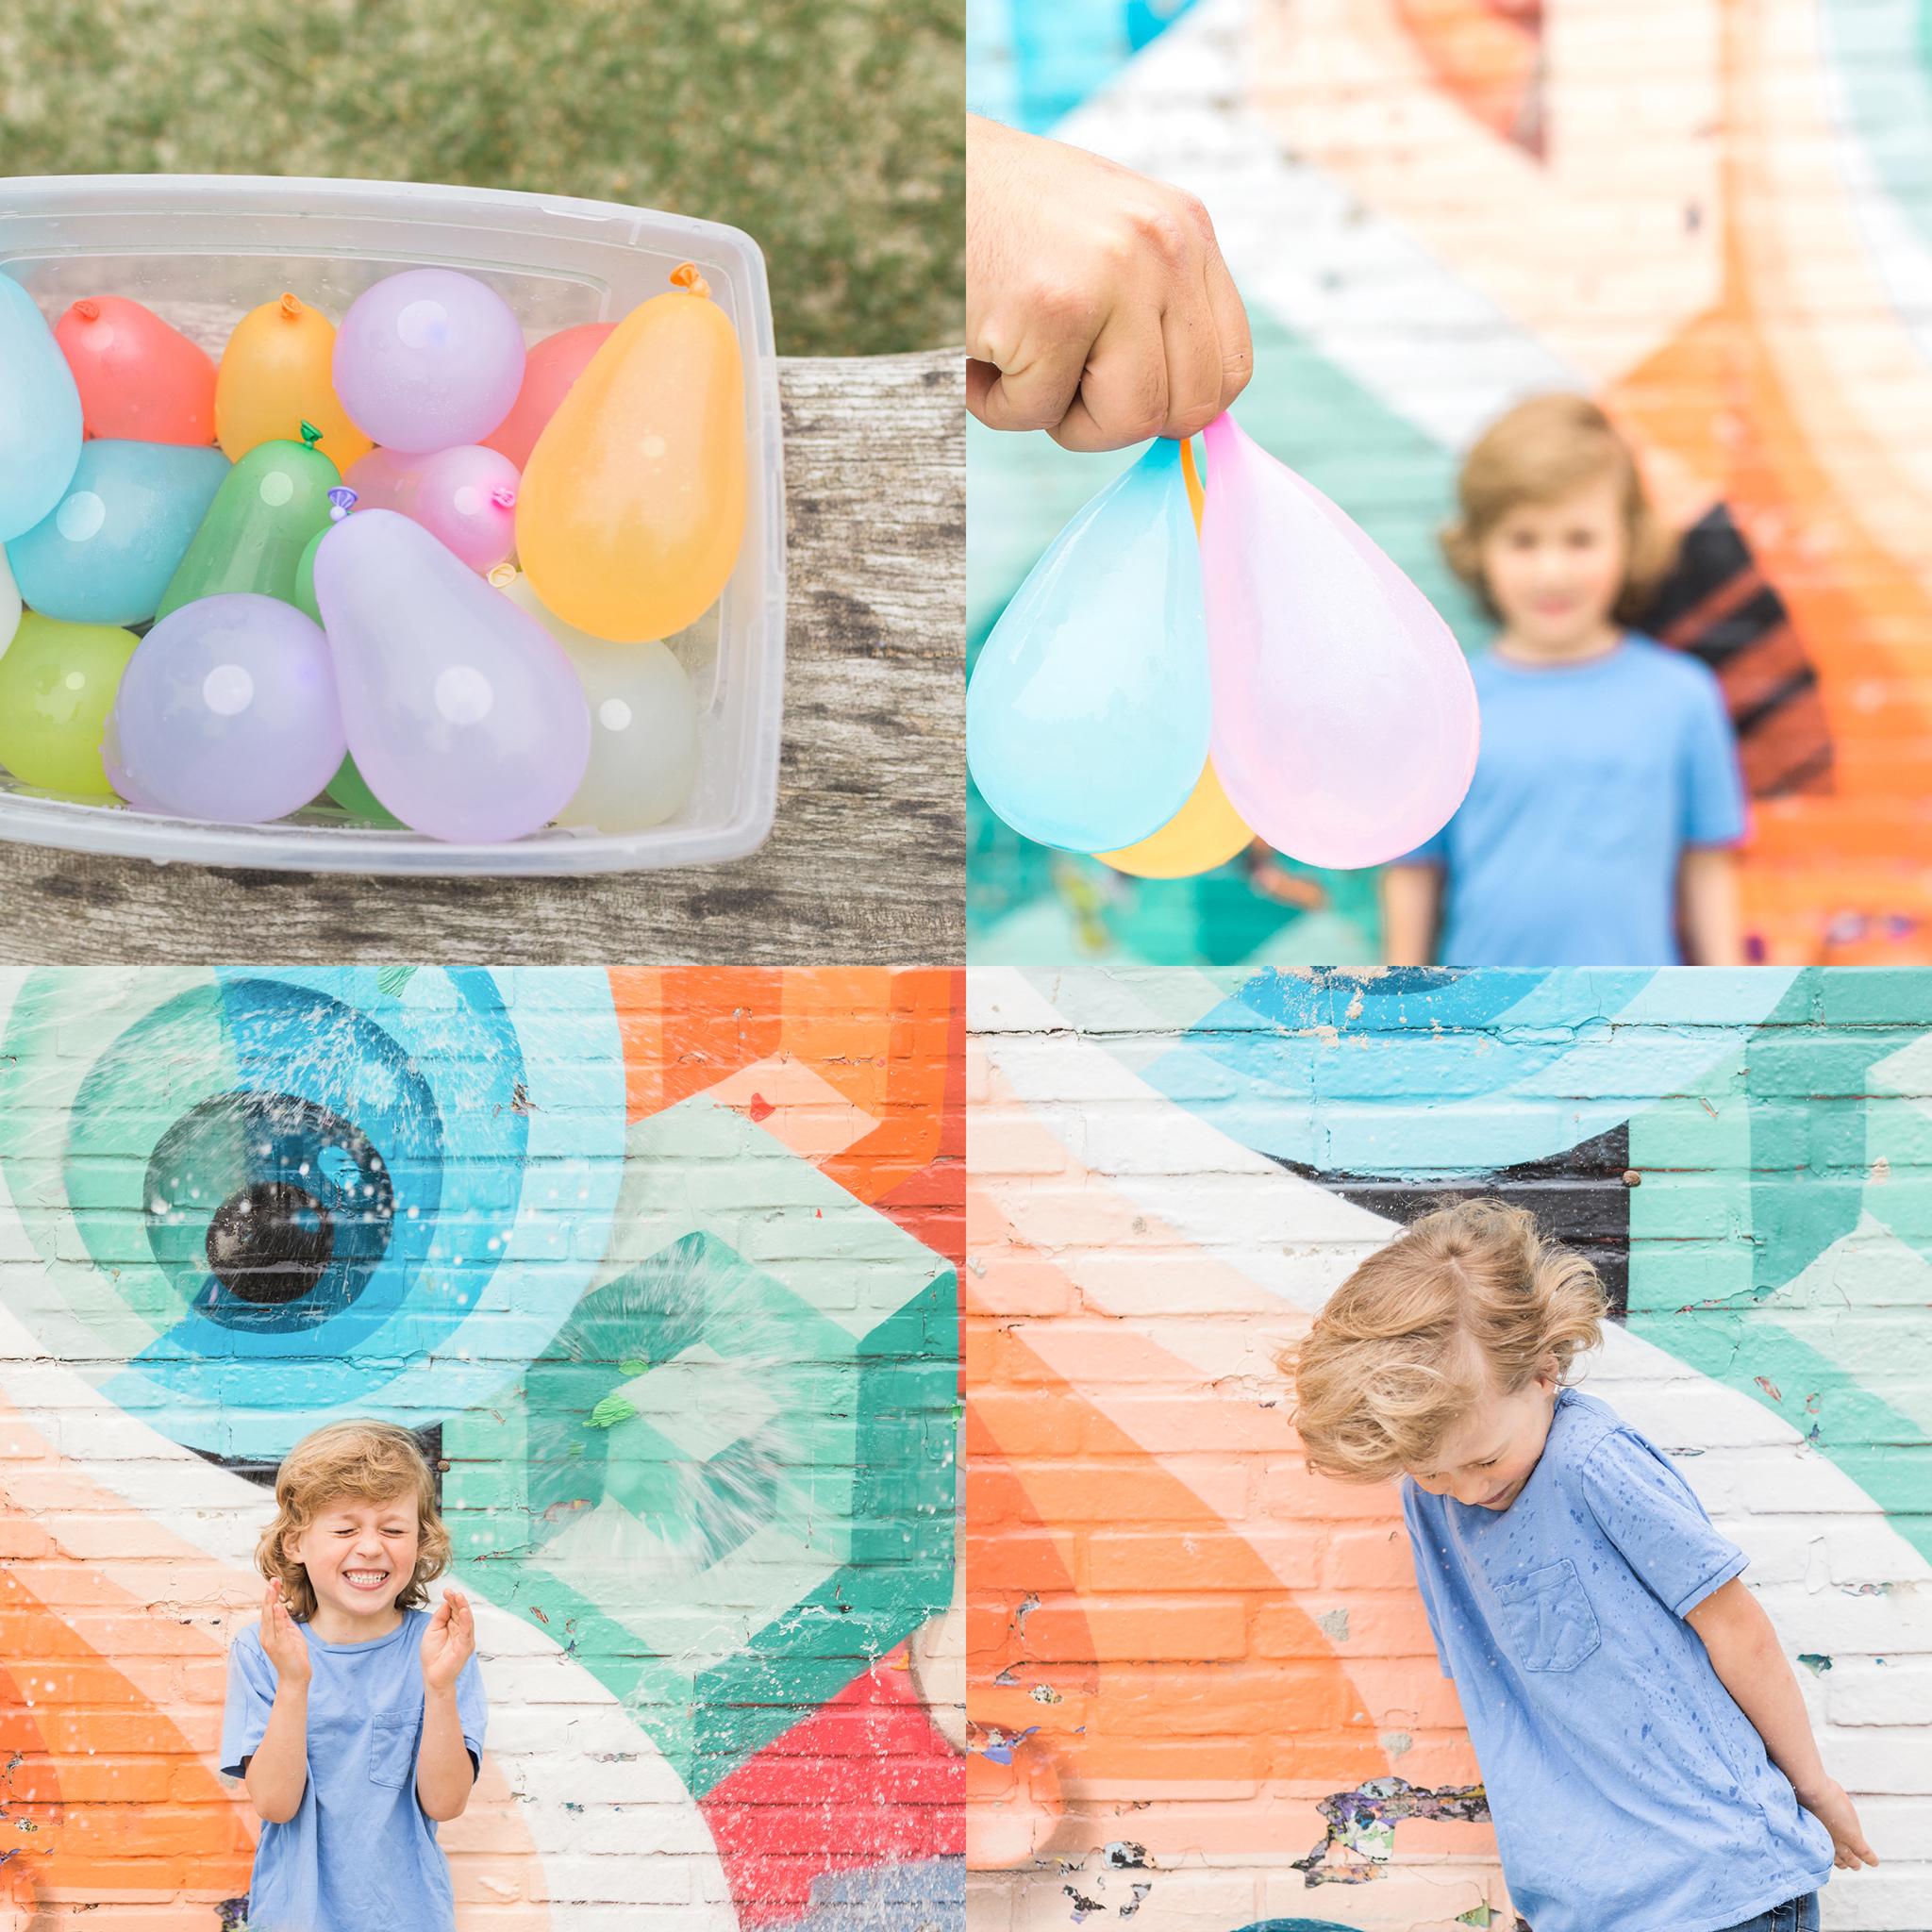 Waterballoon-Photoshoot-Birthday-Invitation.jpg